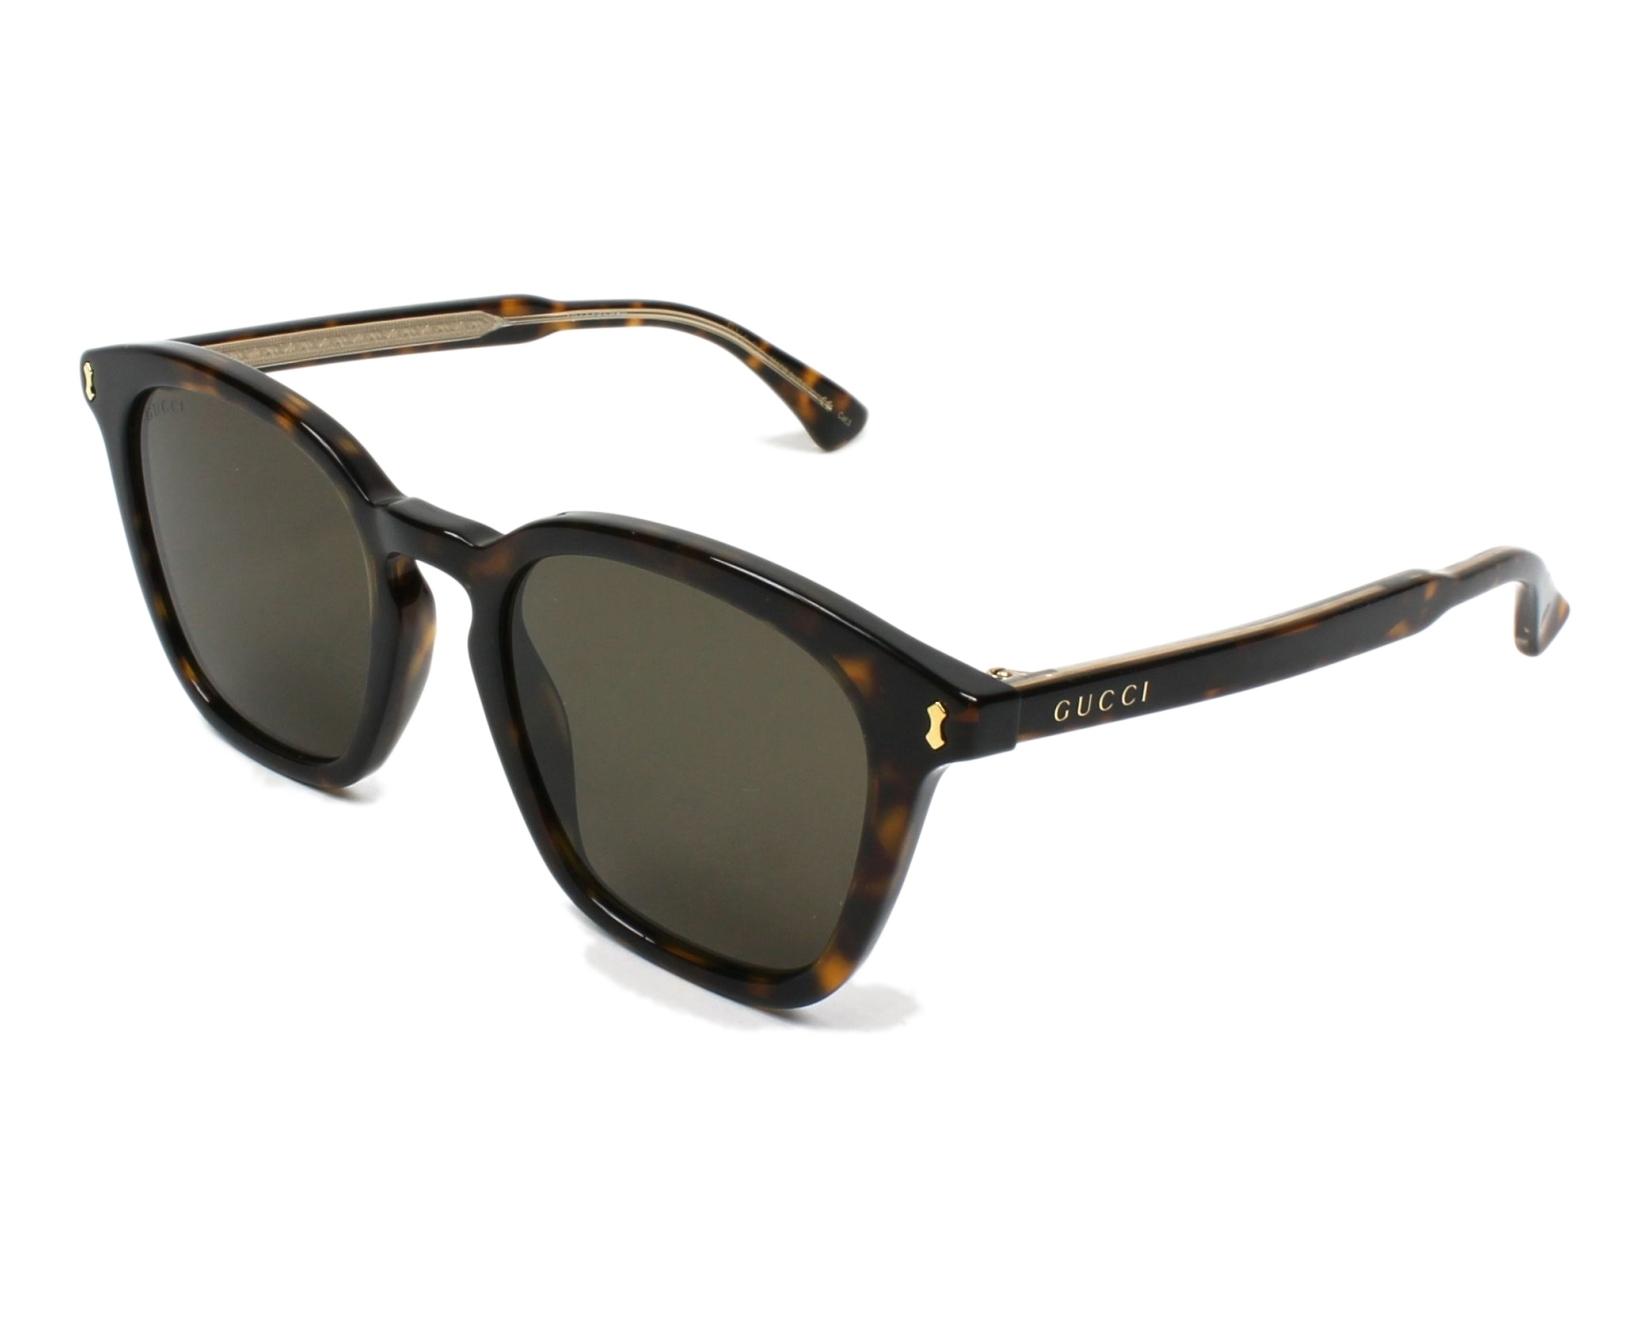 42143b2e868f0 Sunglasses Gucci GG-0125-S 002 - Havana profile view